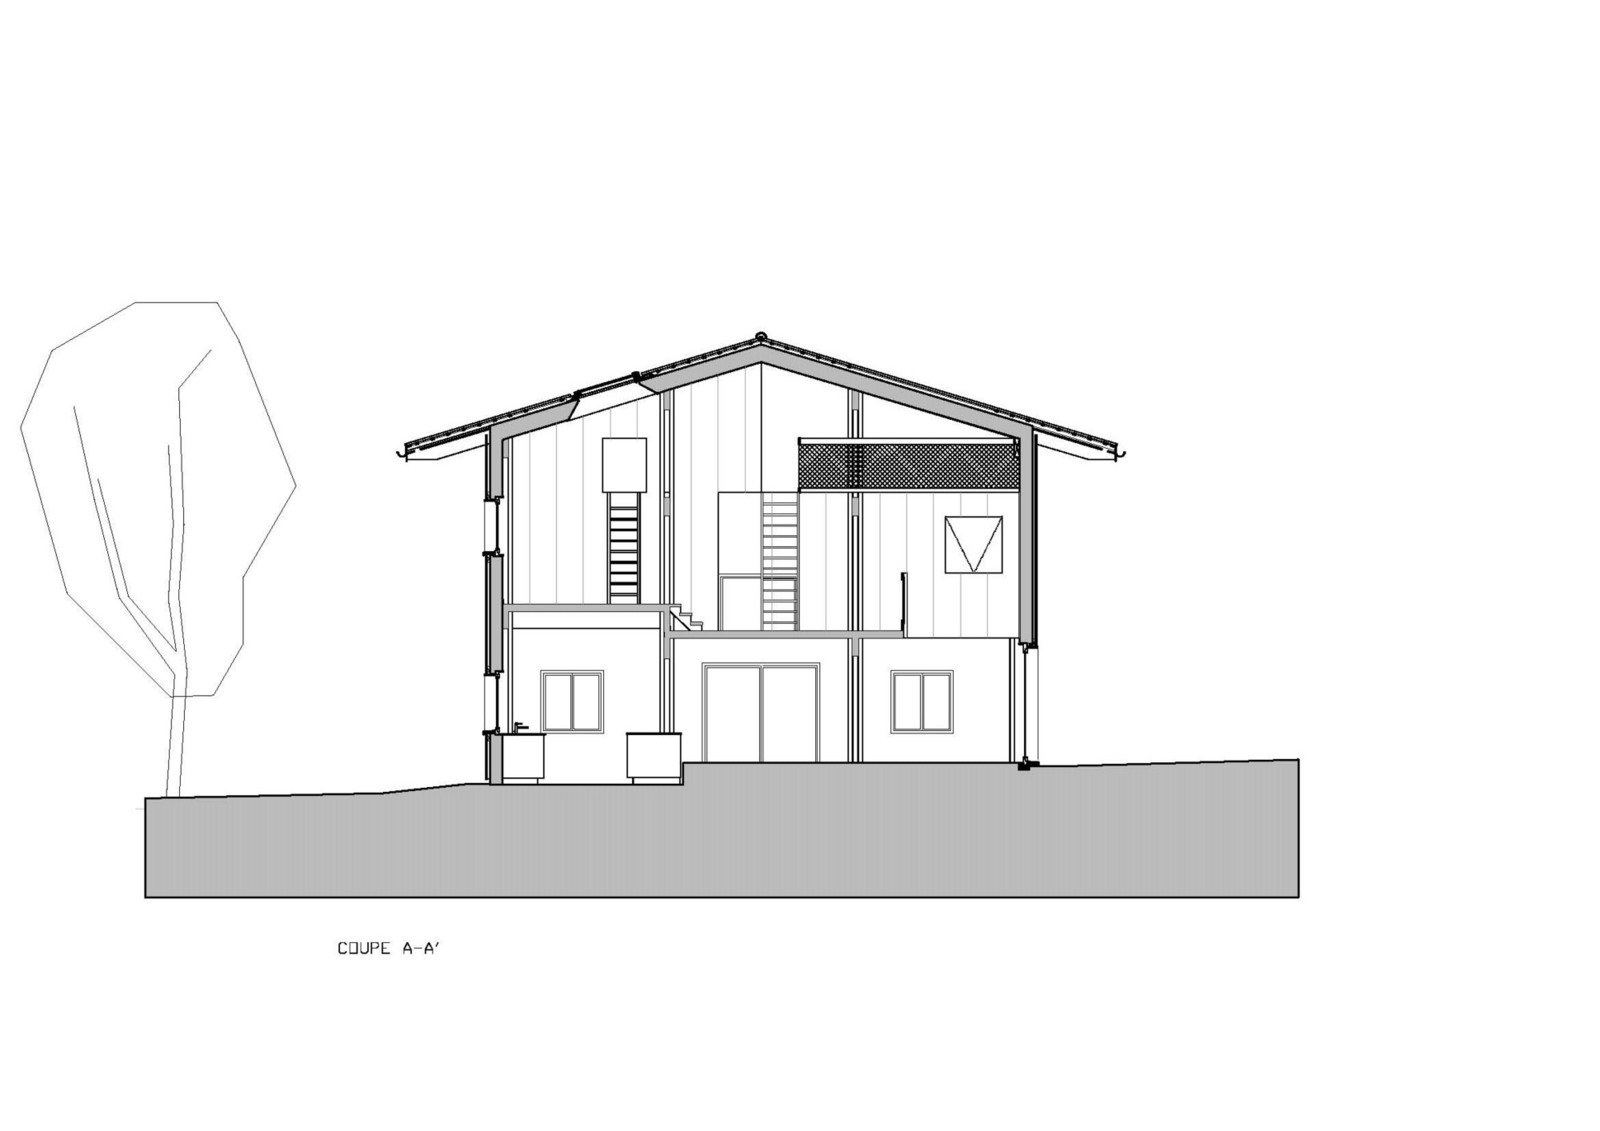 cottage-r-just3ds.com-18